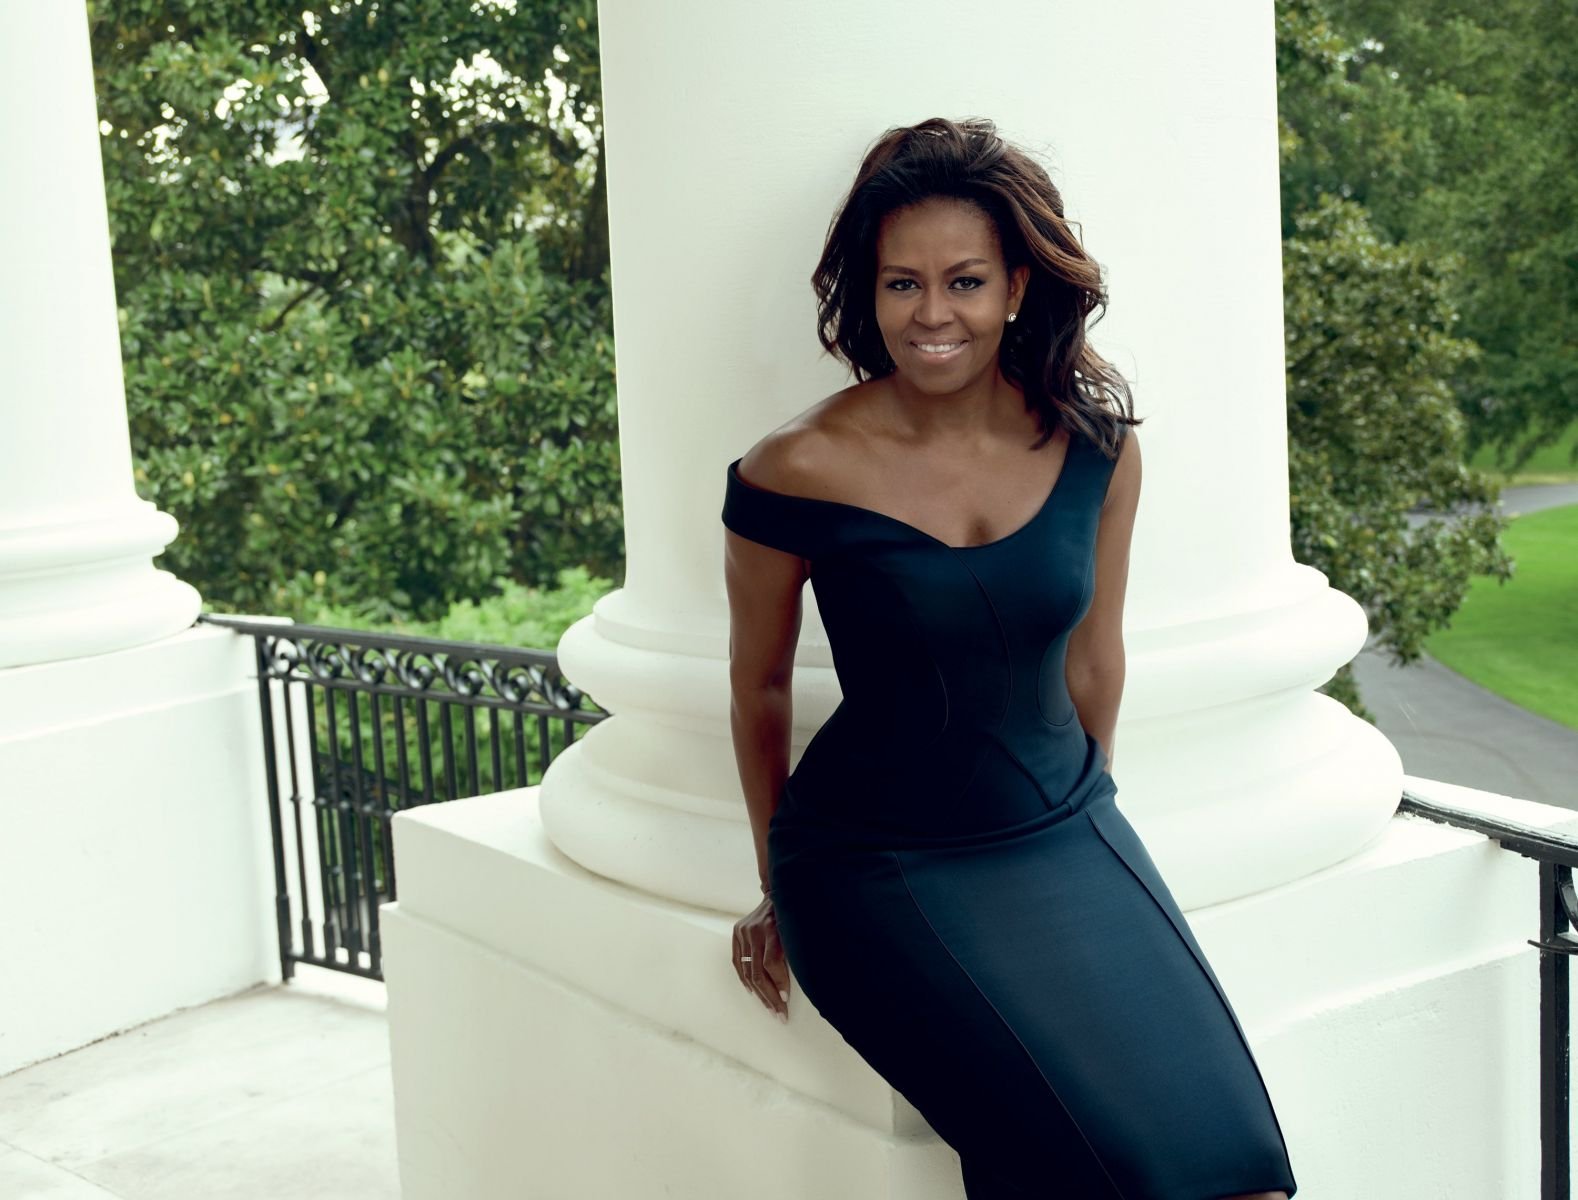 Элегантная Мишель Обама восхищает красотой на обложке Vogue